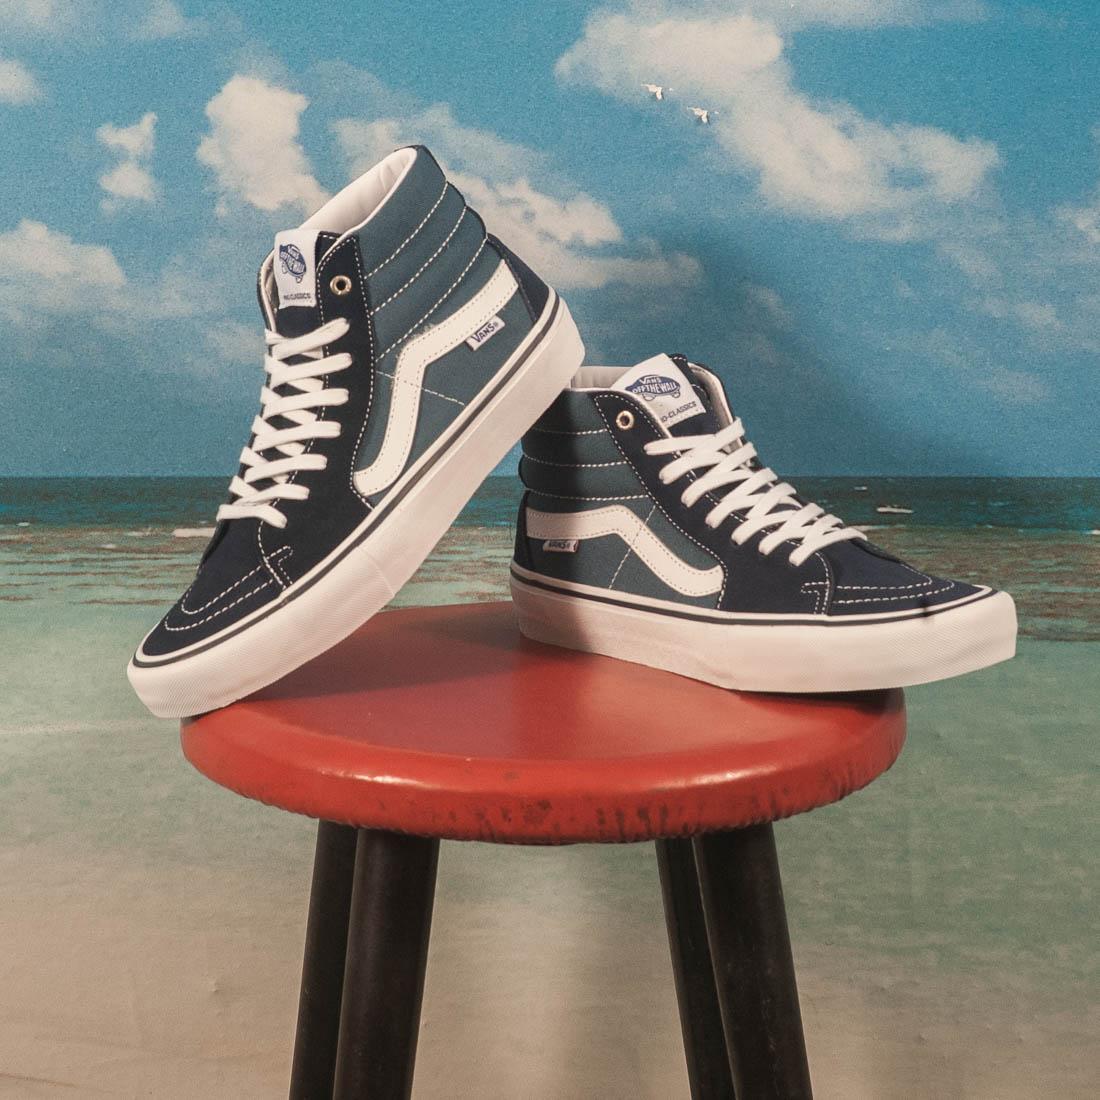 Vans Sk8 Hi Pro Navy Gum Skate Shoes